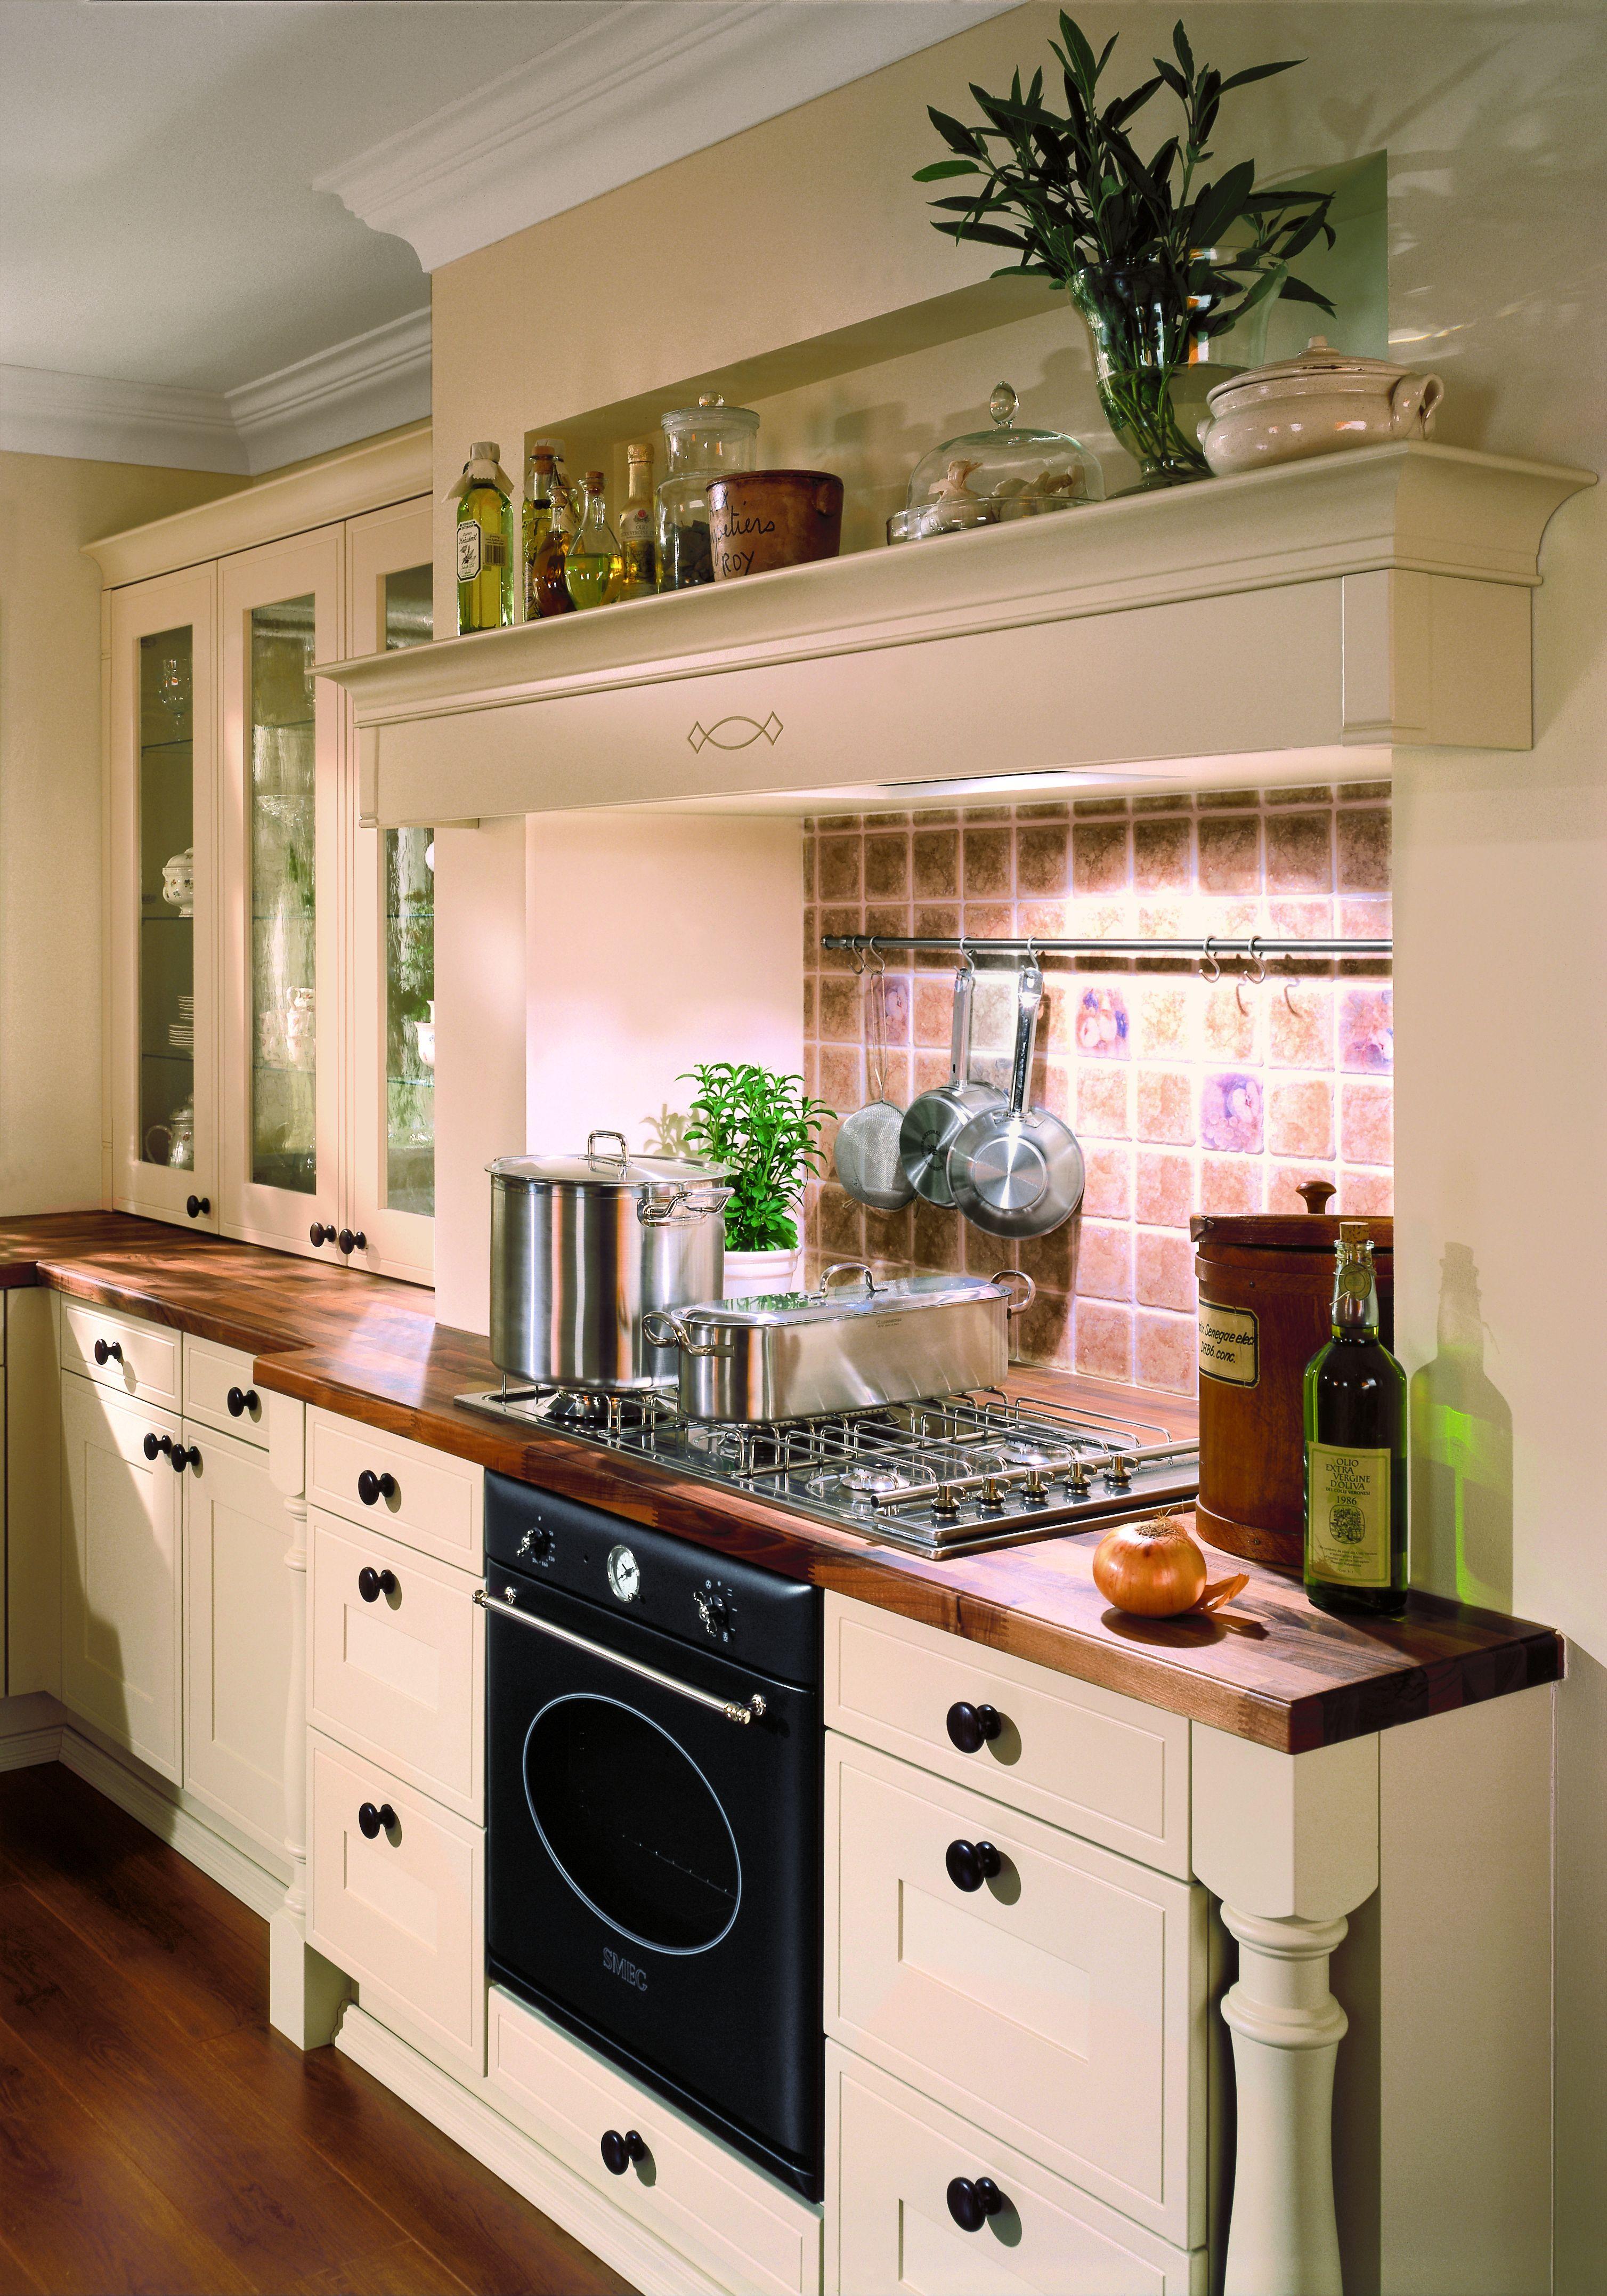 Keuken Drachten Quooker : Klassieke keukens vindt u in Friesland bij Huizenga Keukenstyle